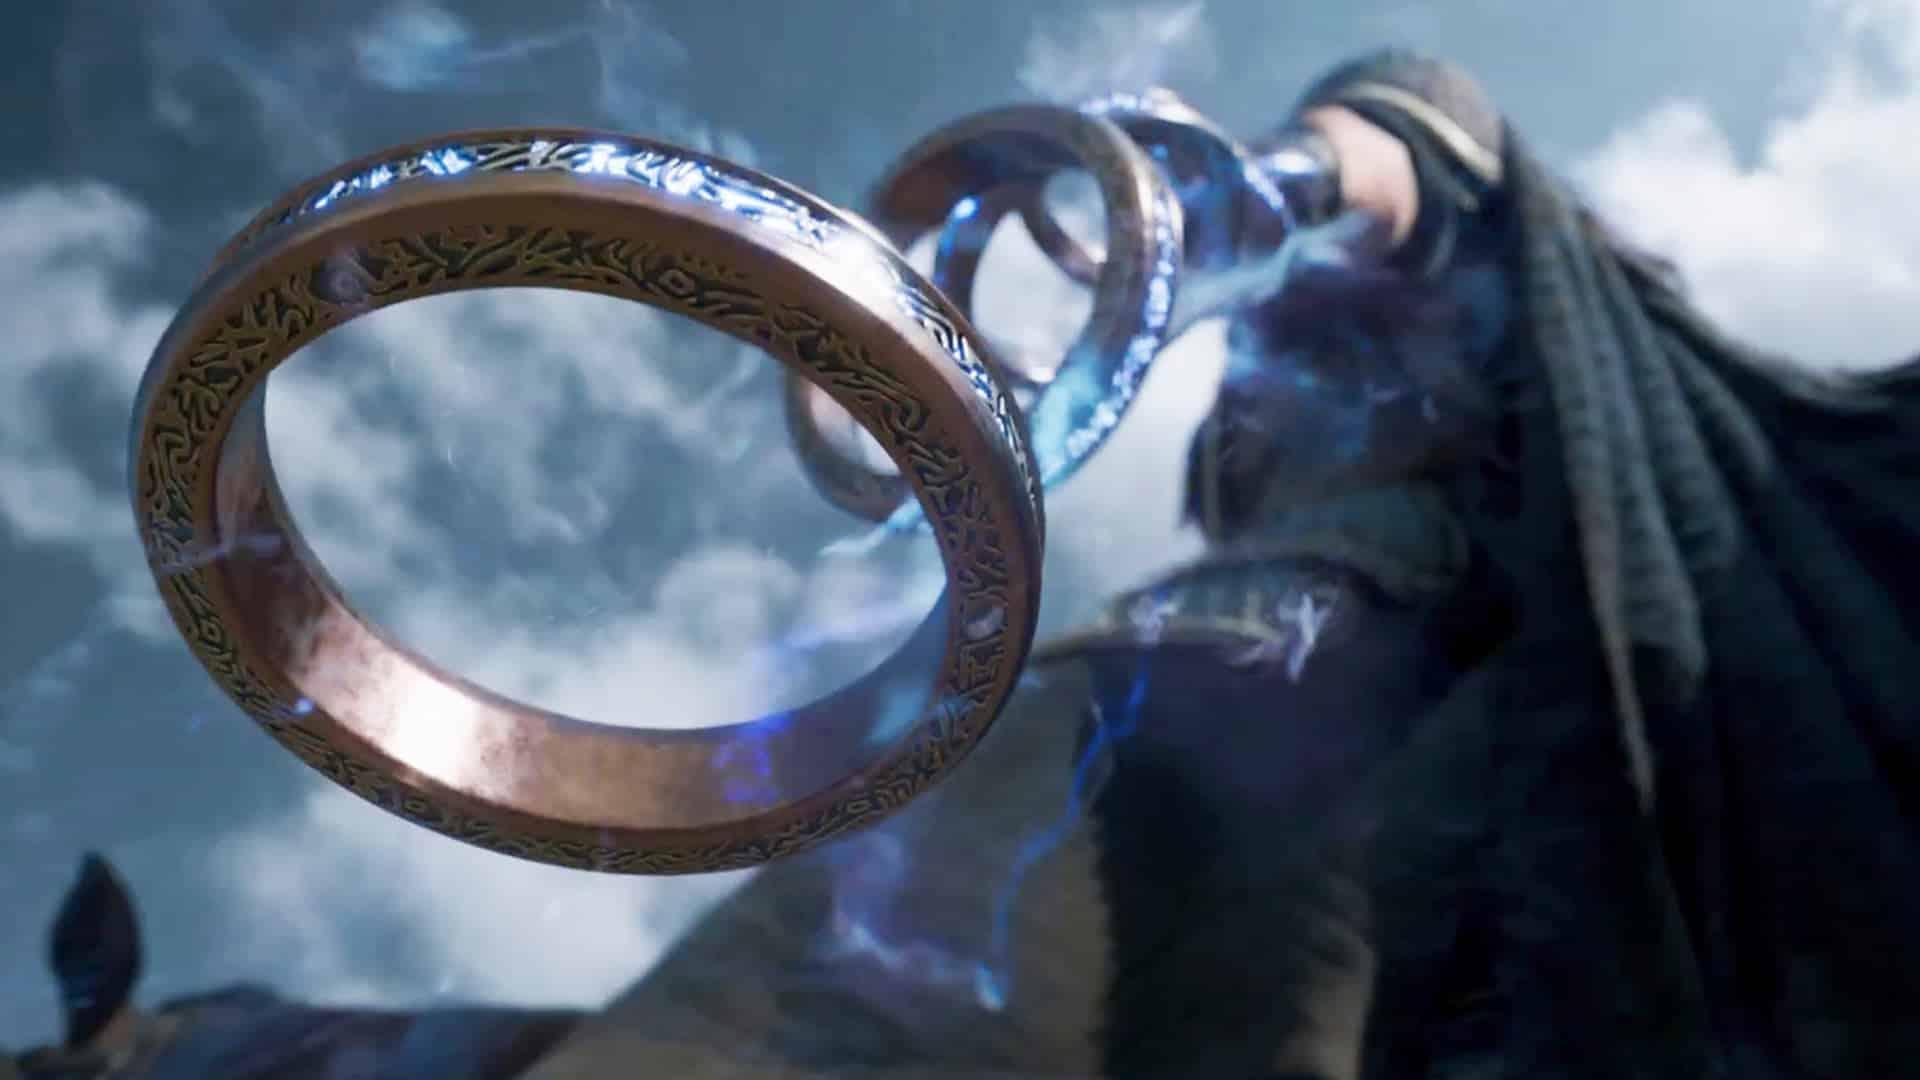 Desať prsteňov z filmu Shang-Chi